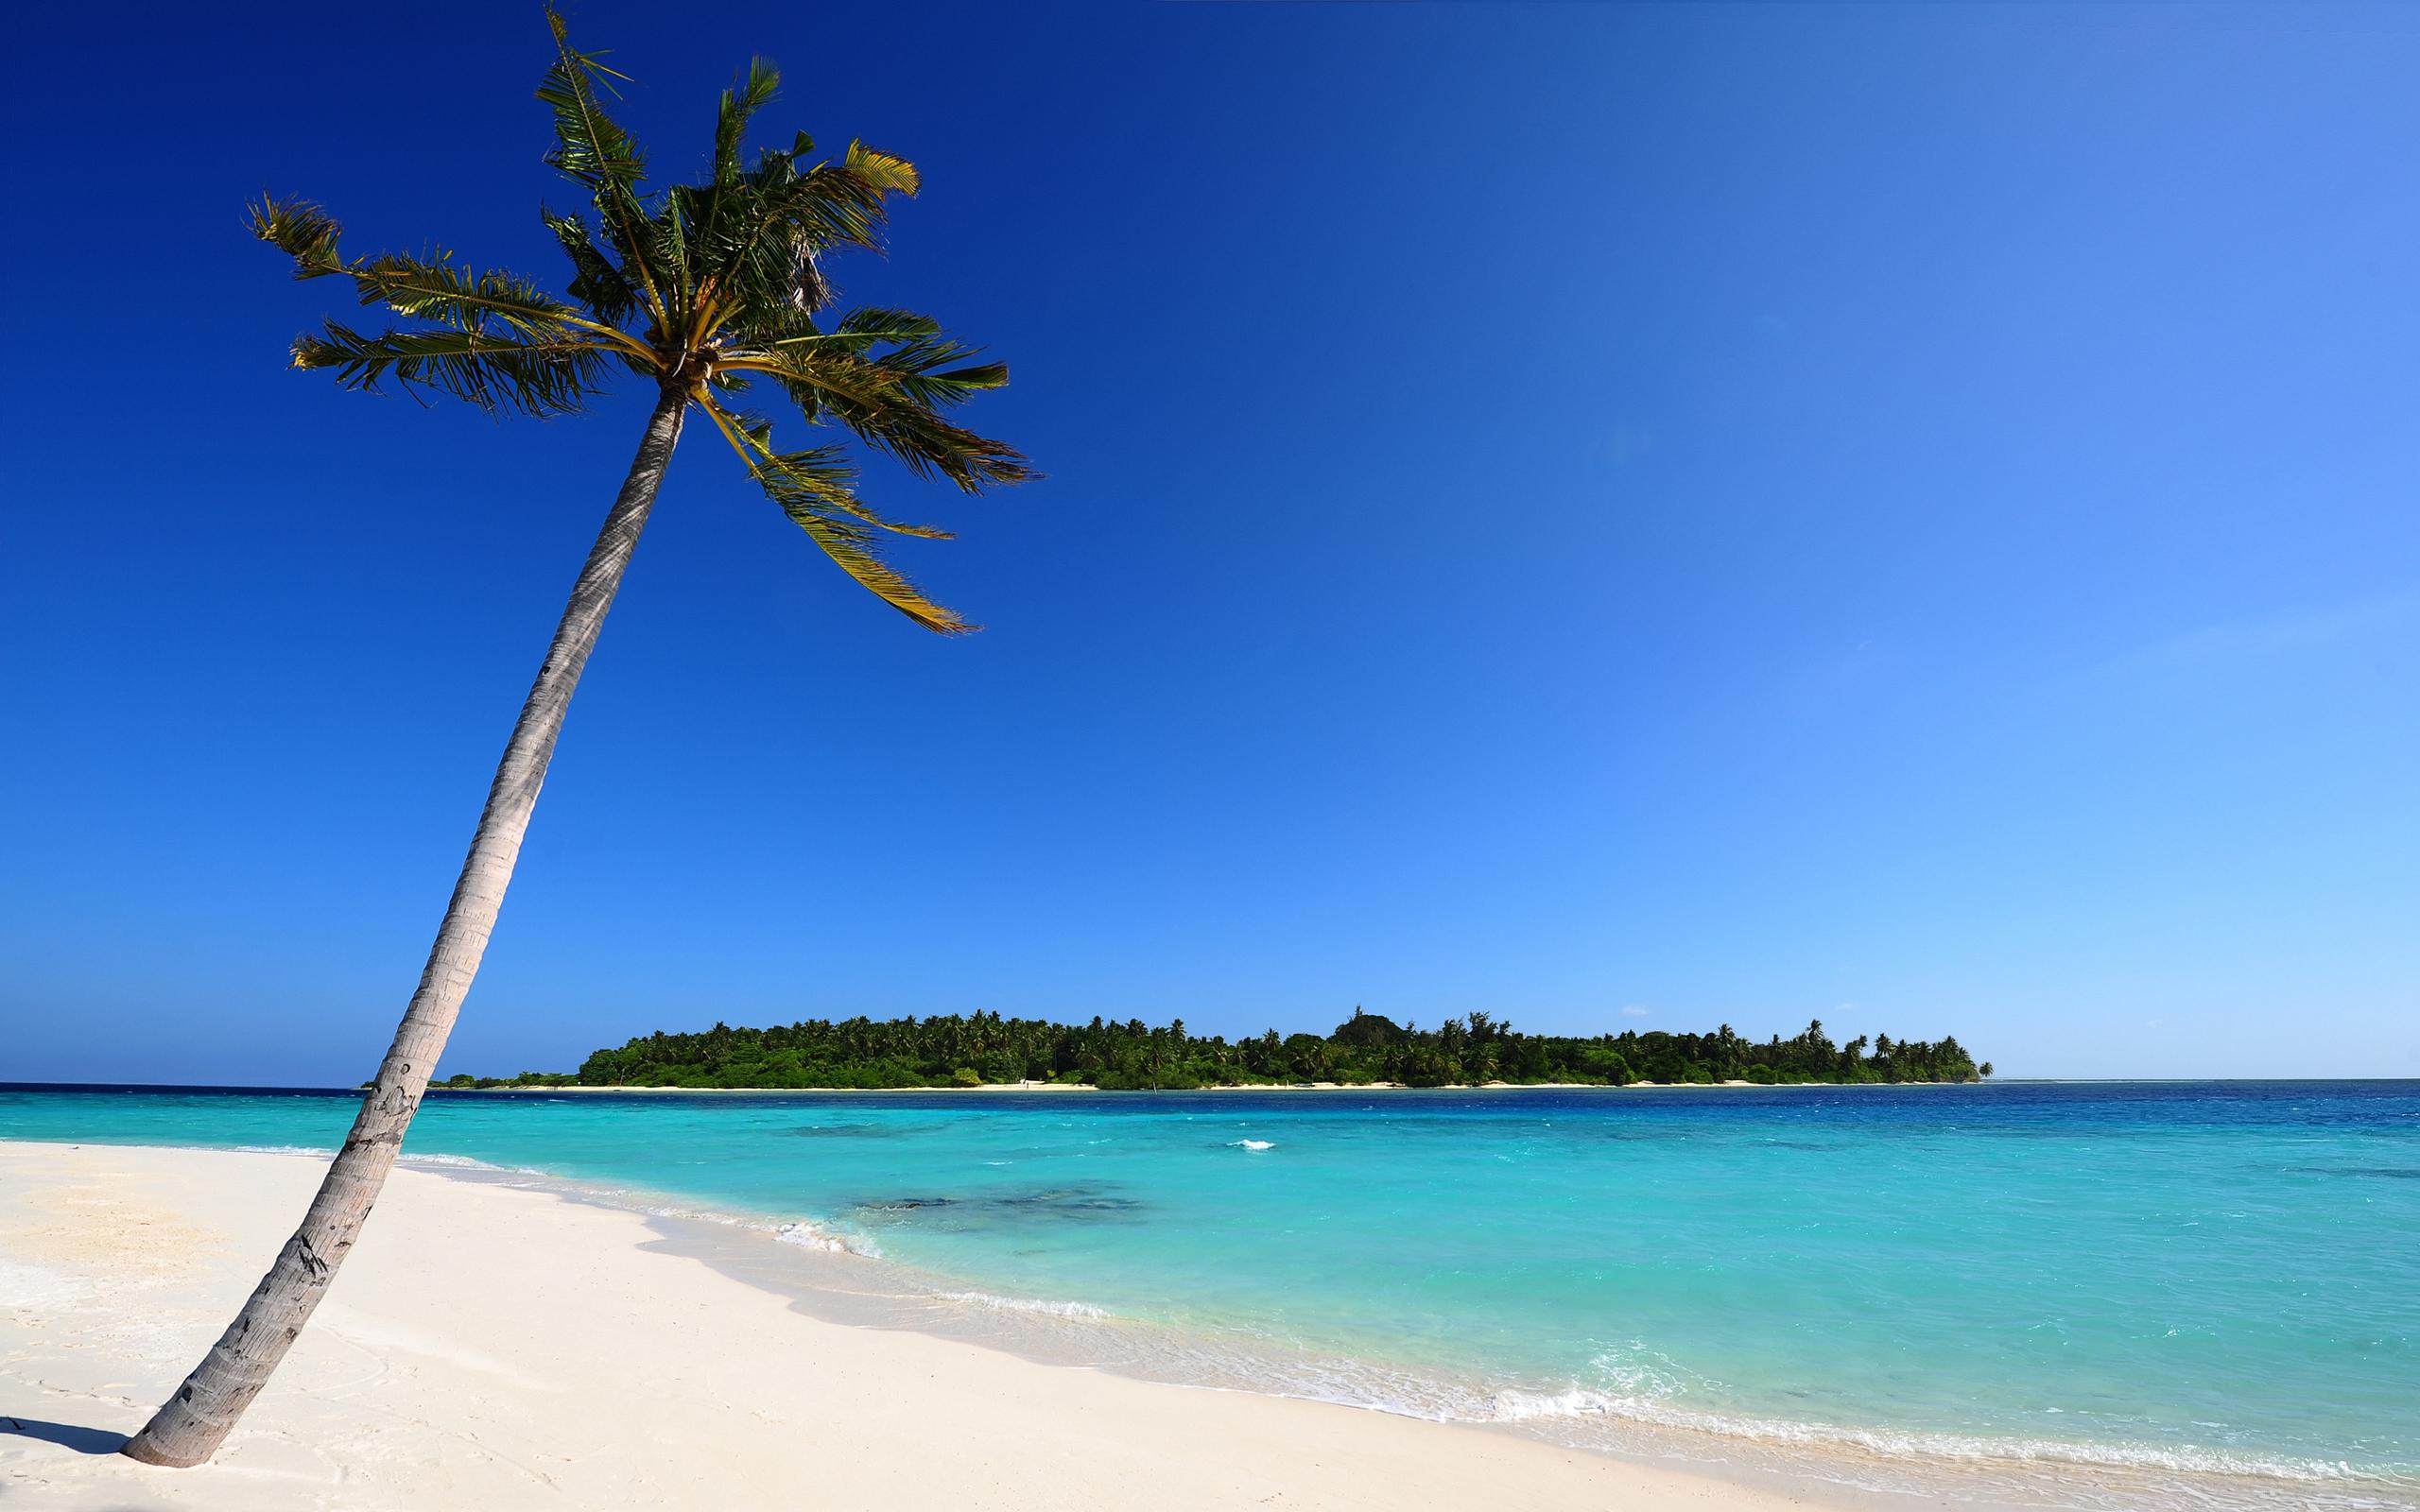 Beach Relaxation Watercraft